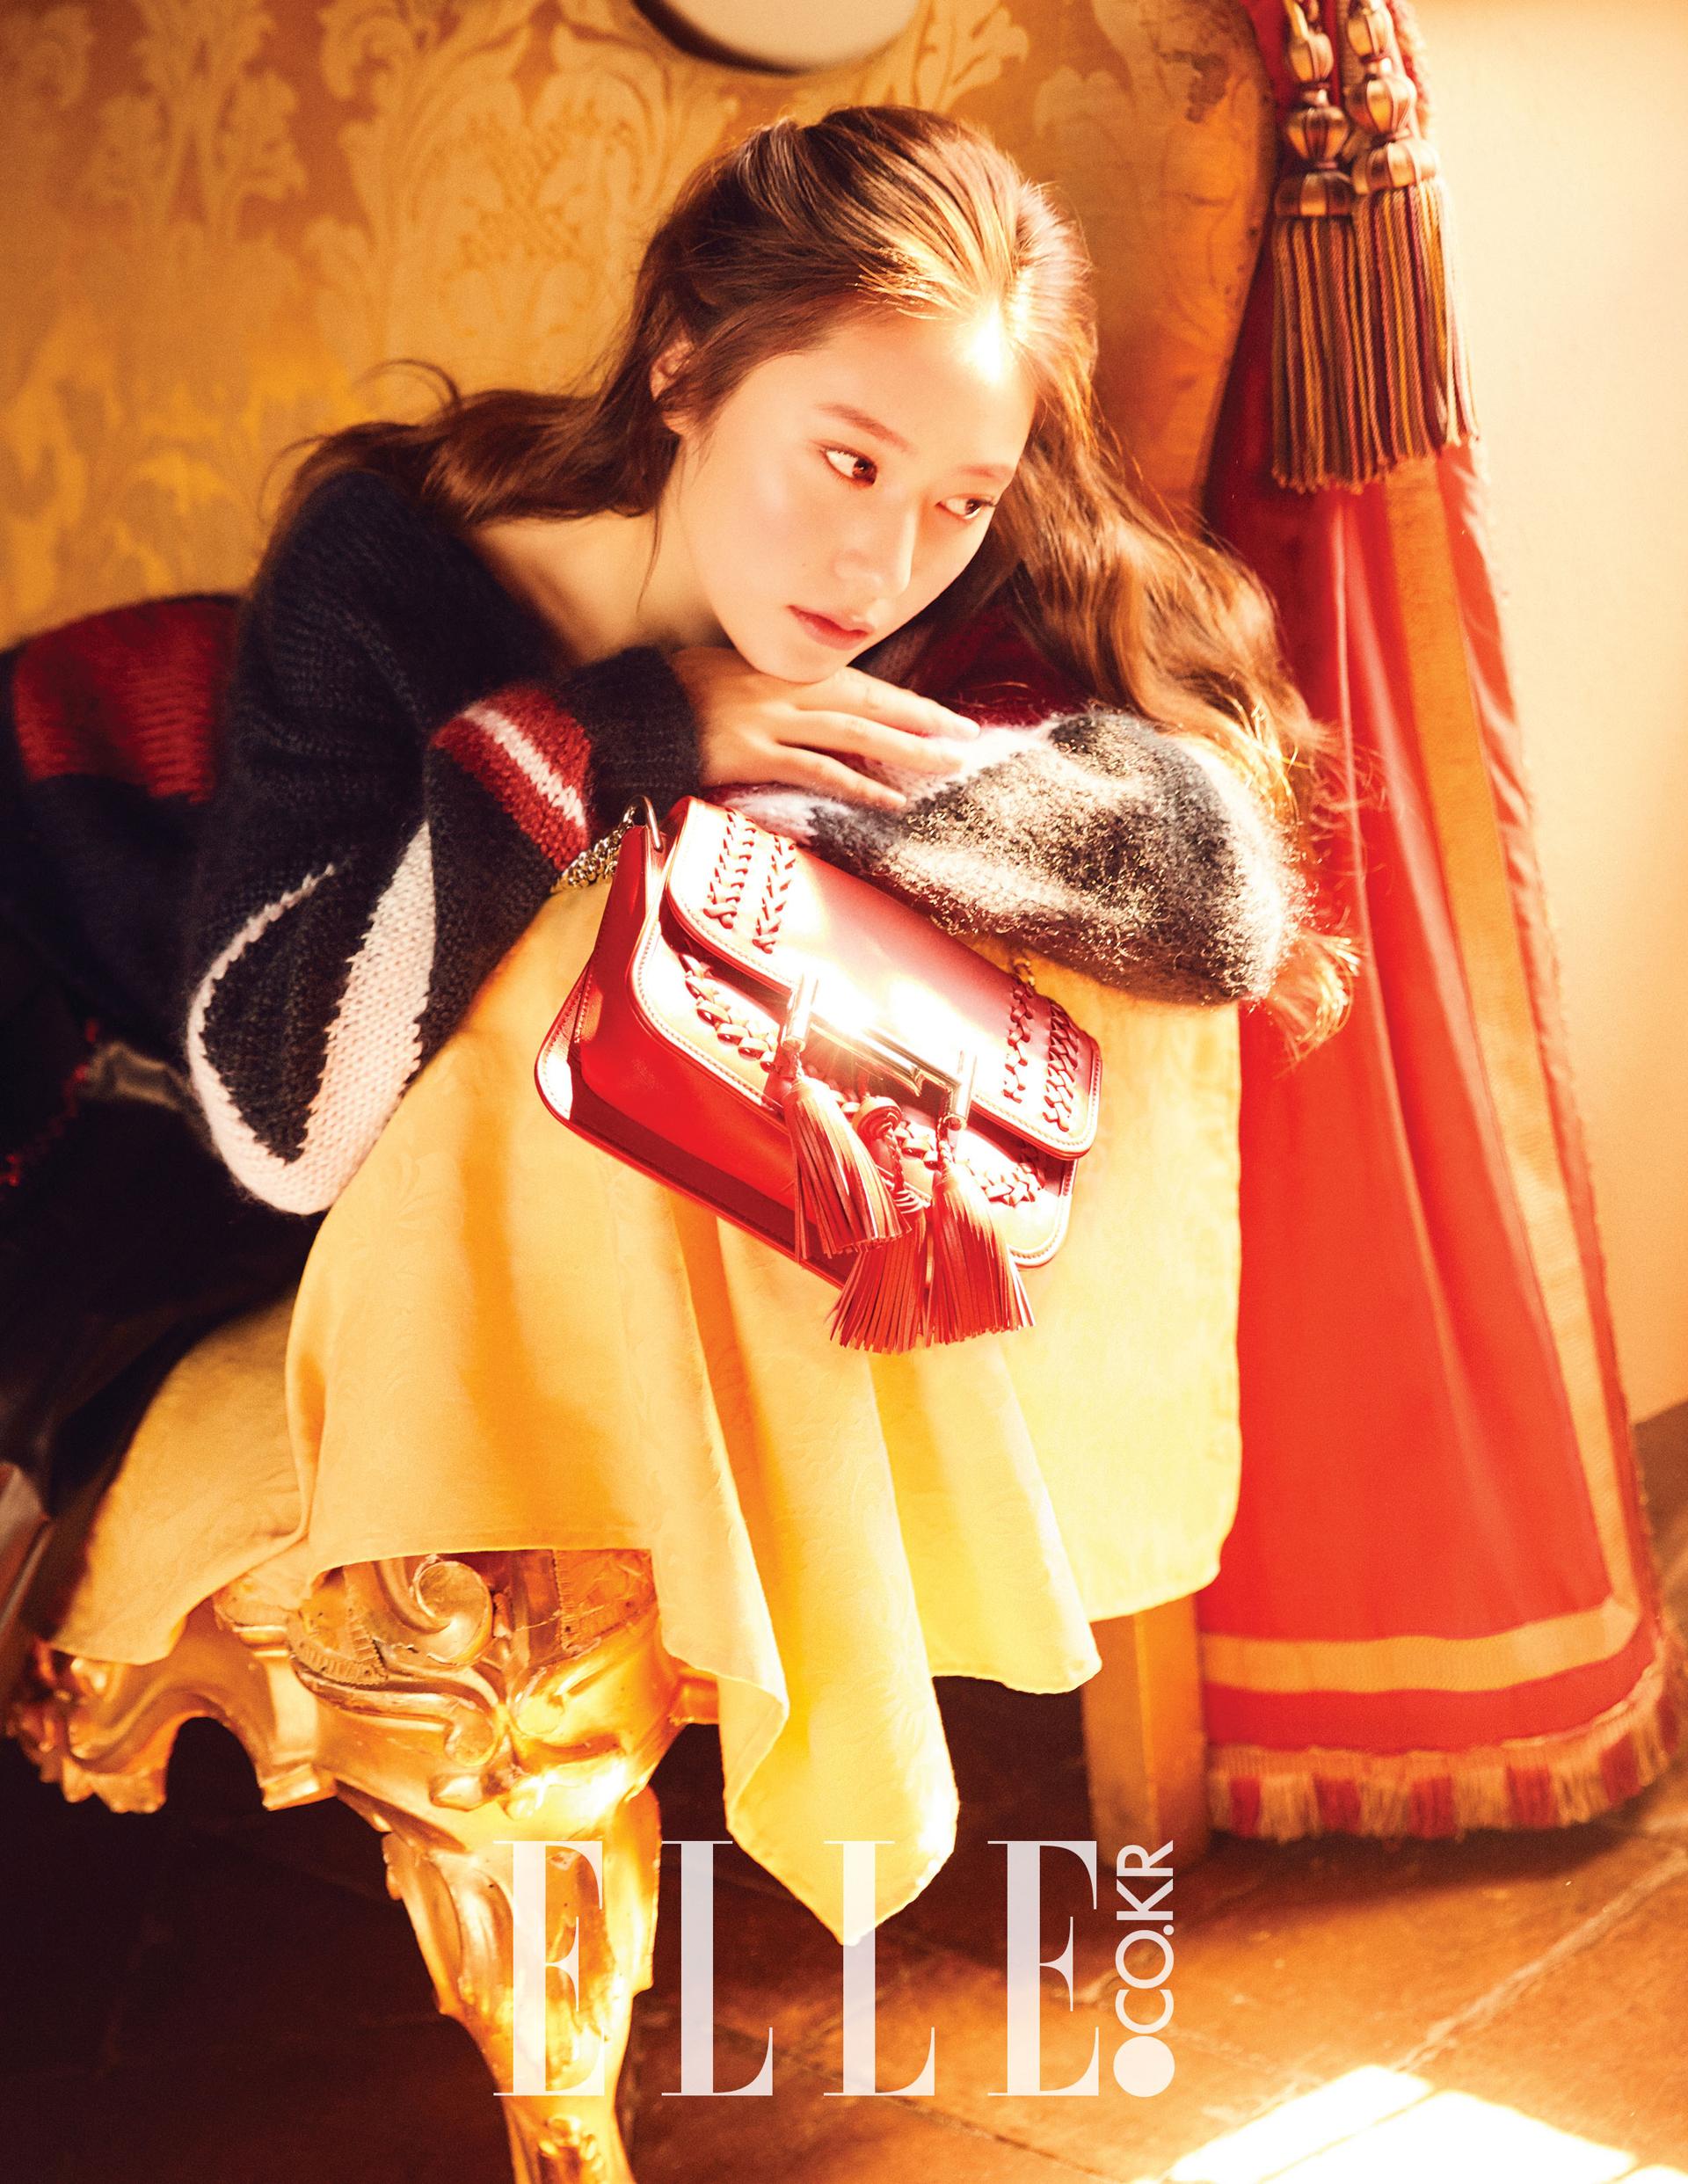 krystal elle 2016, krystal october elle, krystal fashion 2016, 크리스탈 최근, krystal airport 2016, krystal kai 2016, kaistal 2016